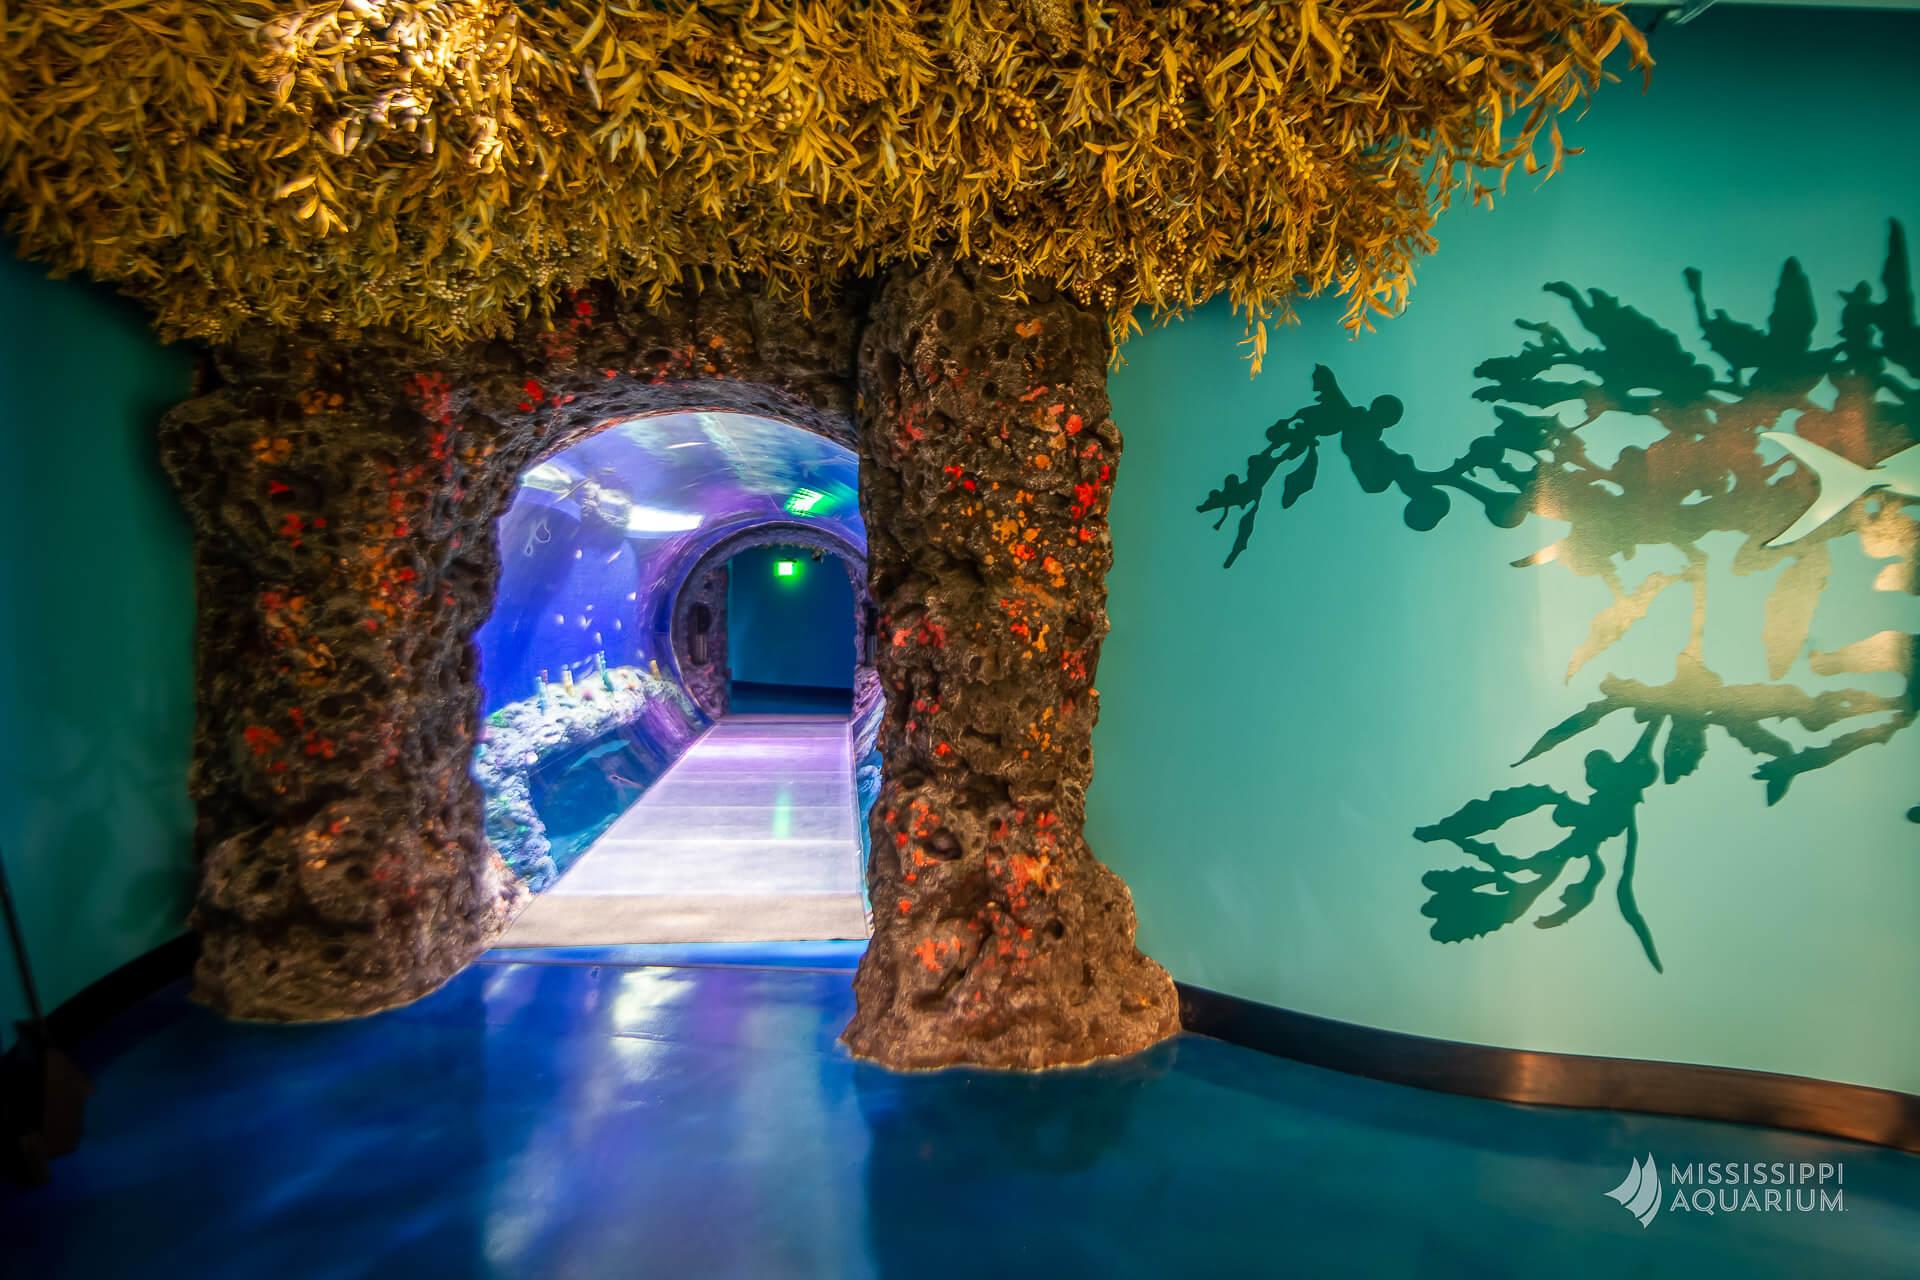 Mississippi Aquarium - Visit Mississippi